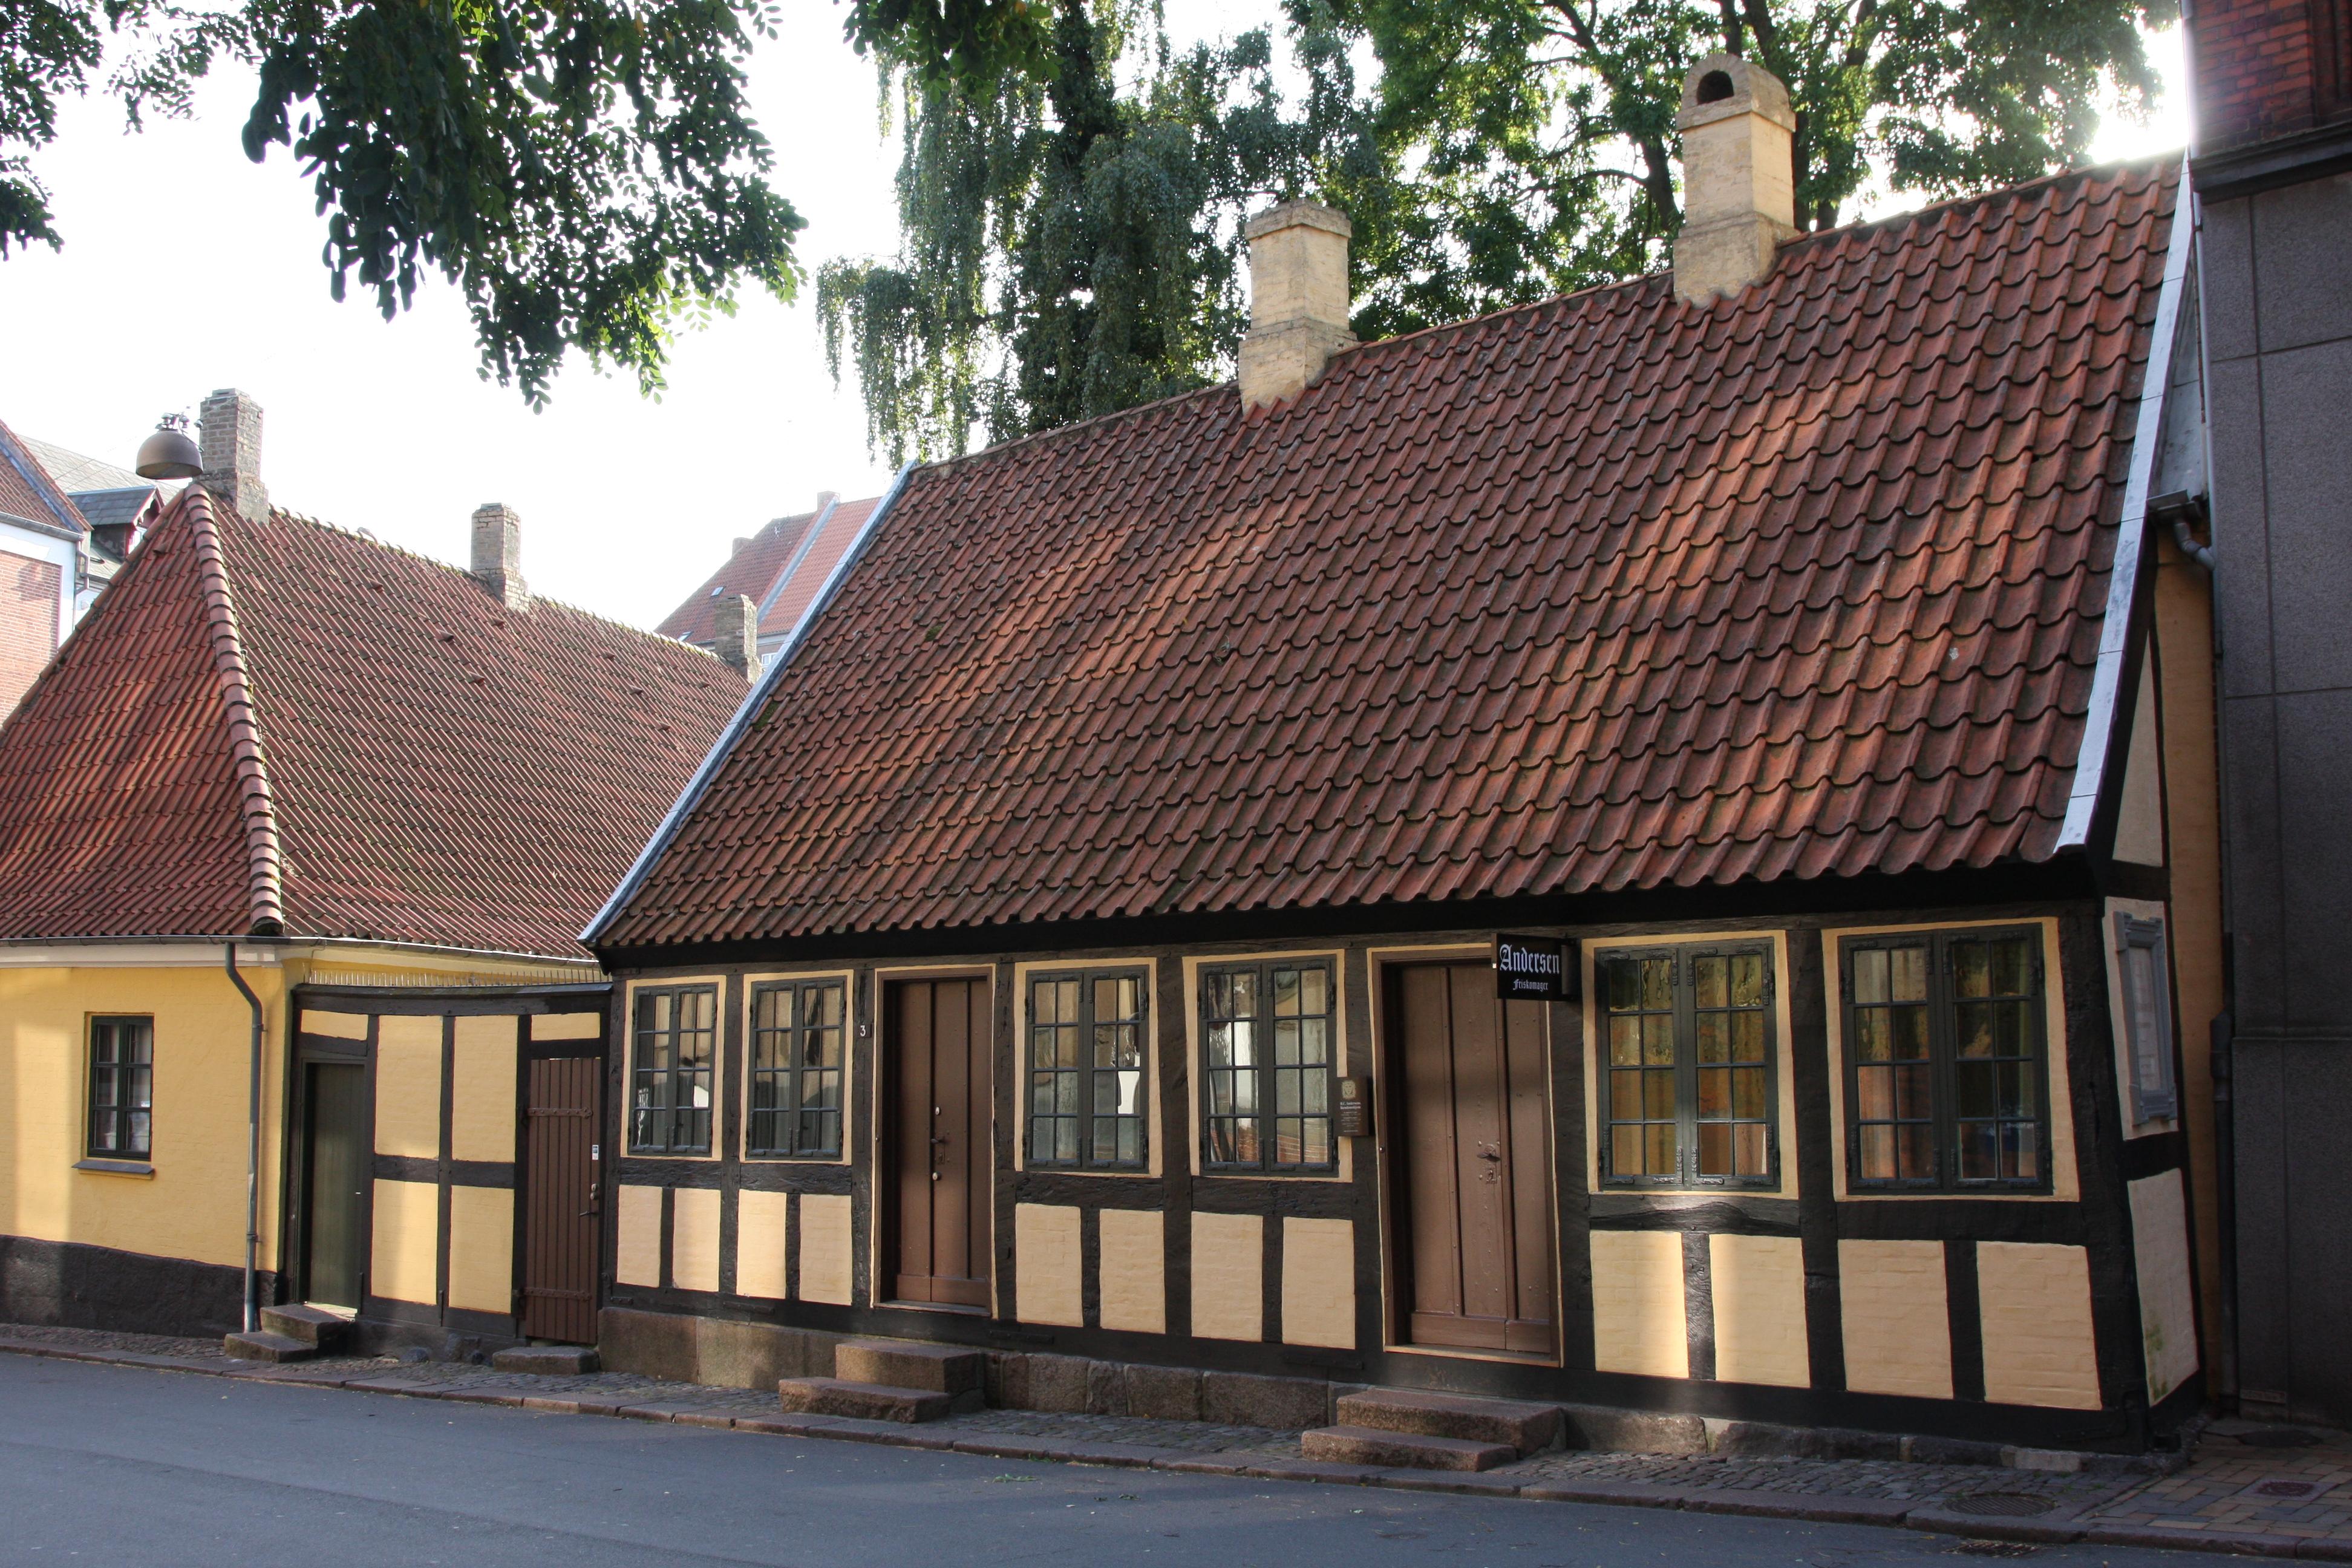 Odense Denmark  City new picture : Description Denmark odense hans christian andersen childhood home